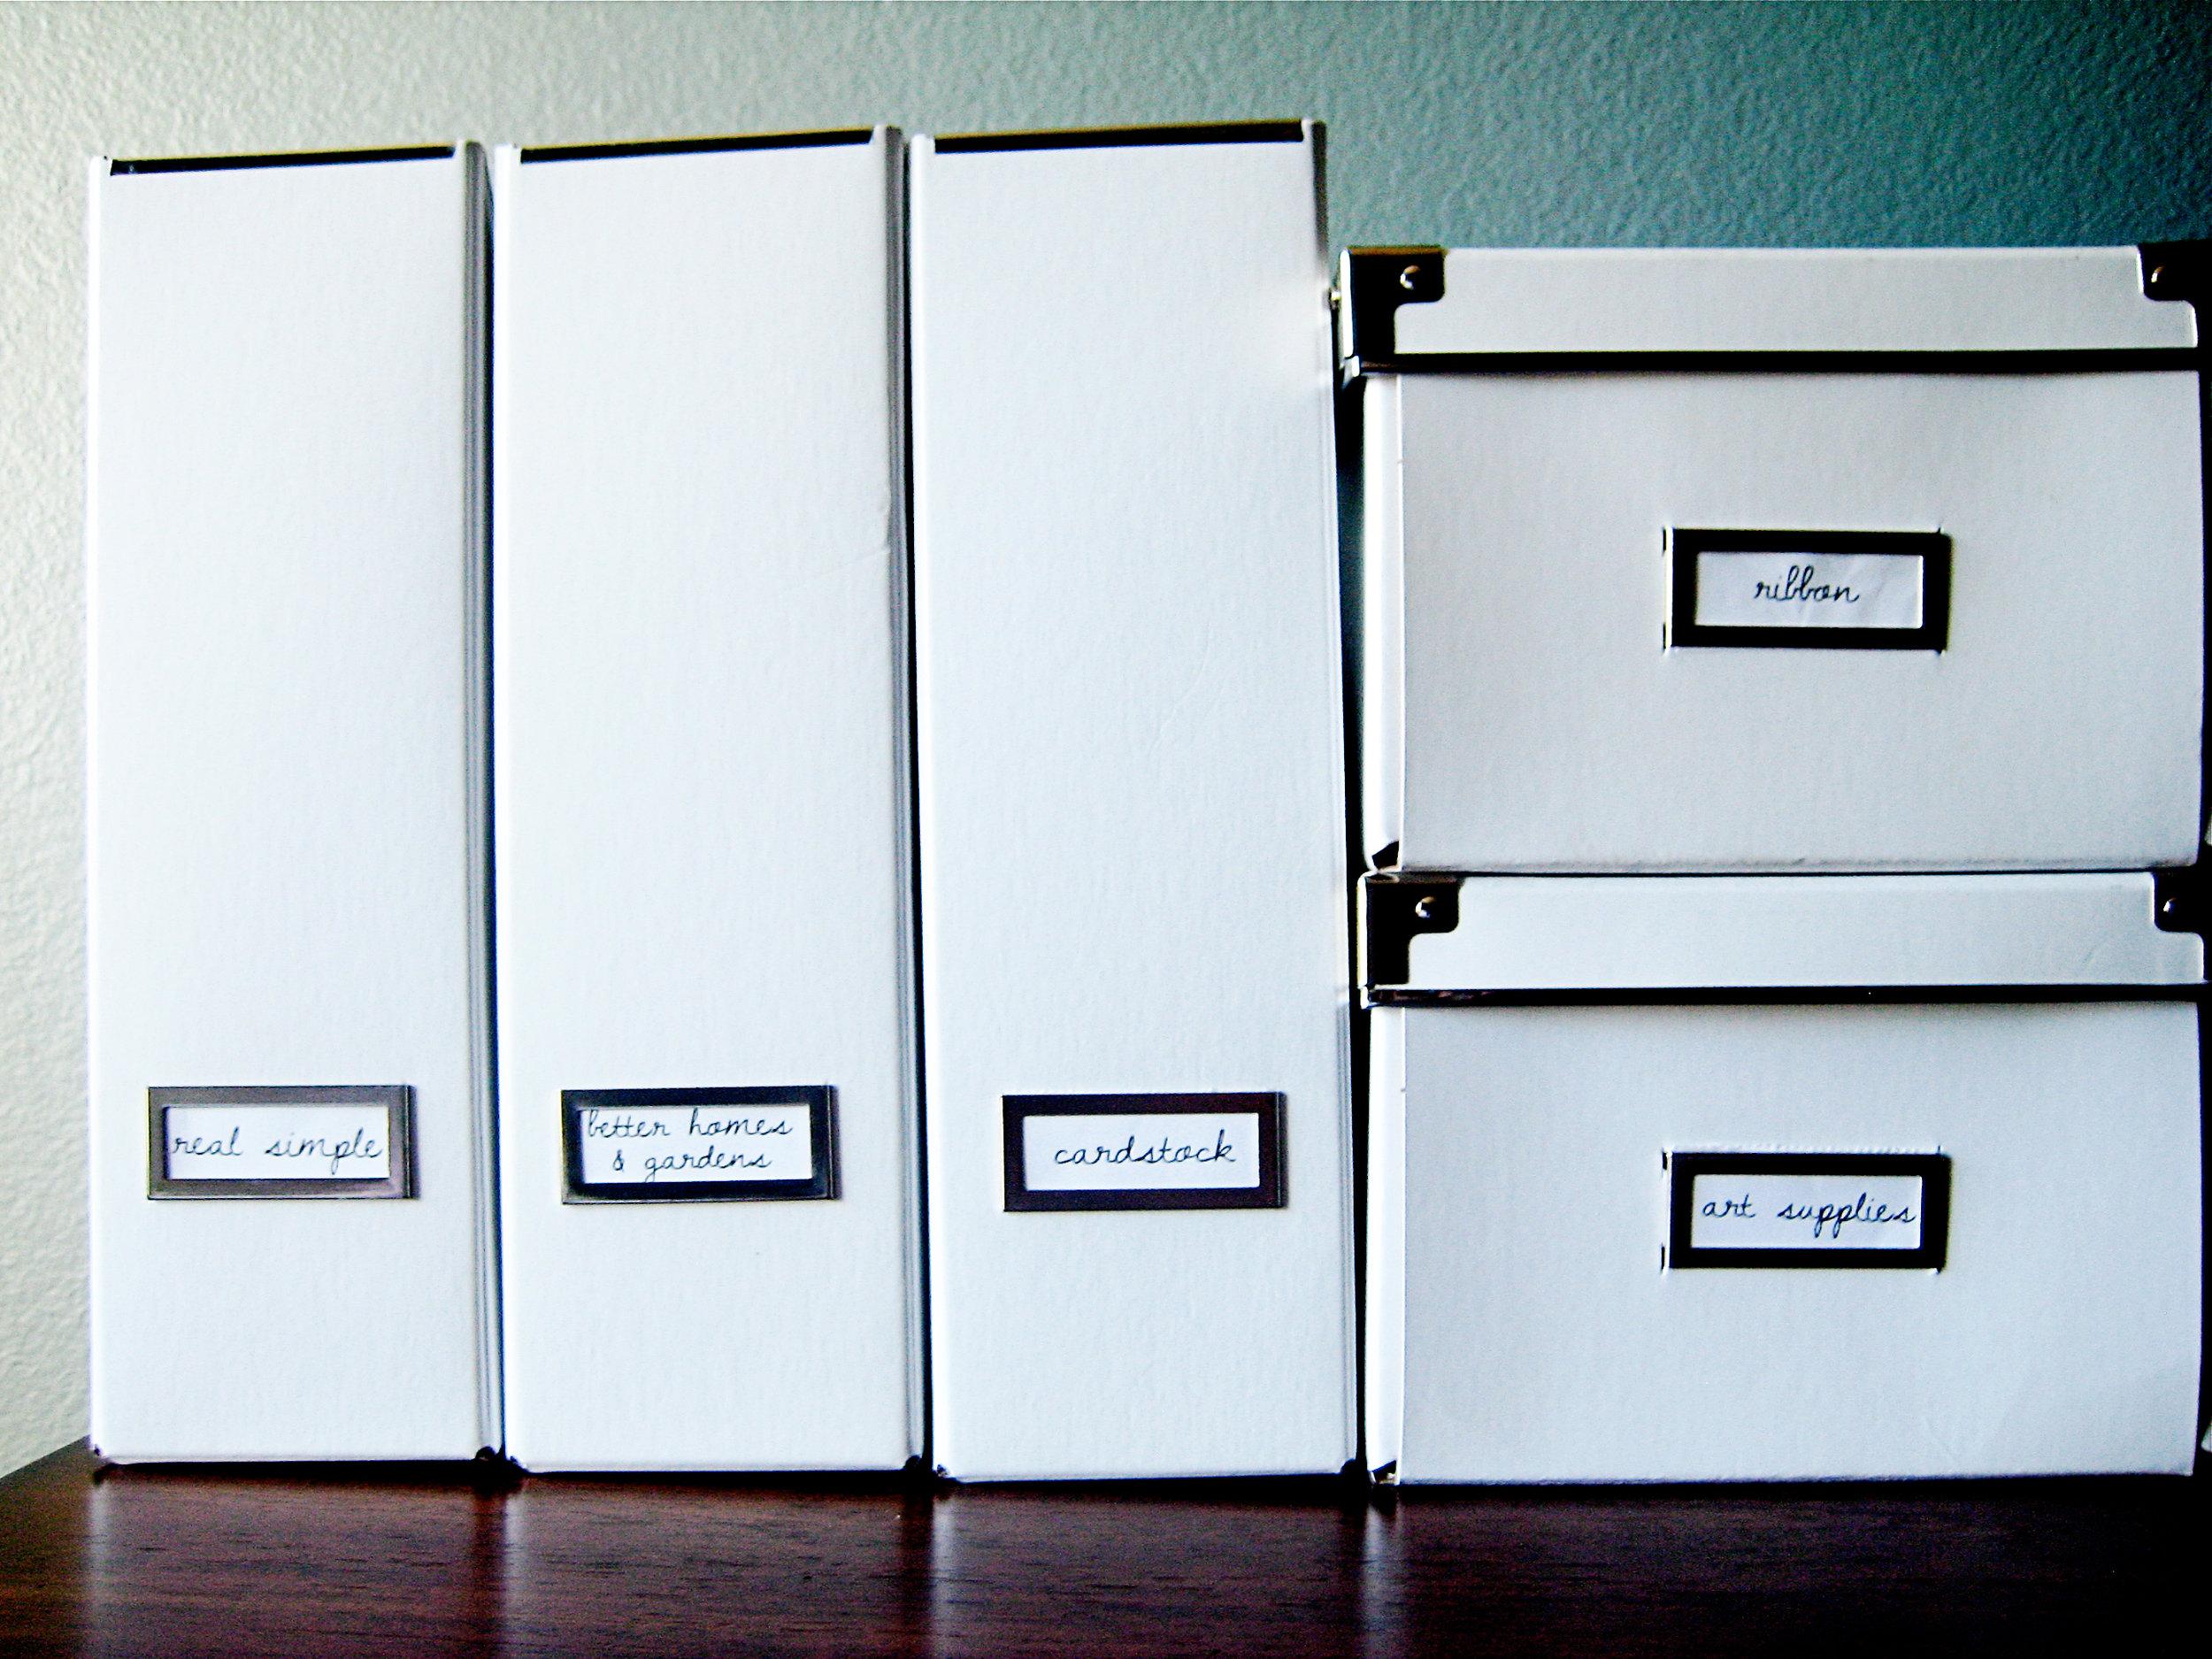 office-organization.jpg